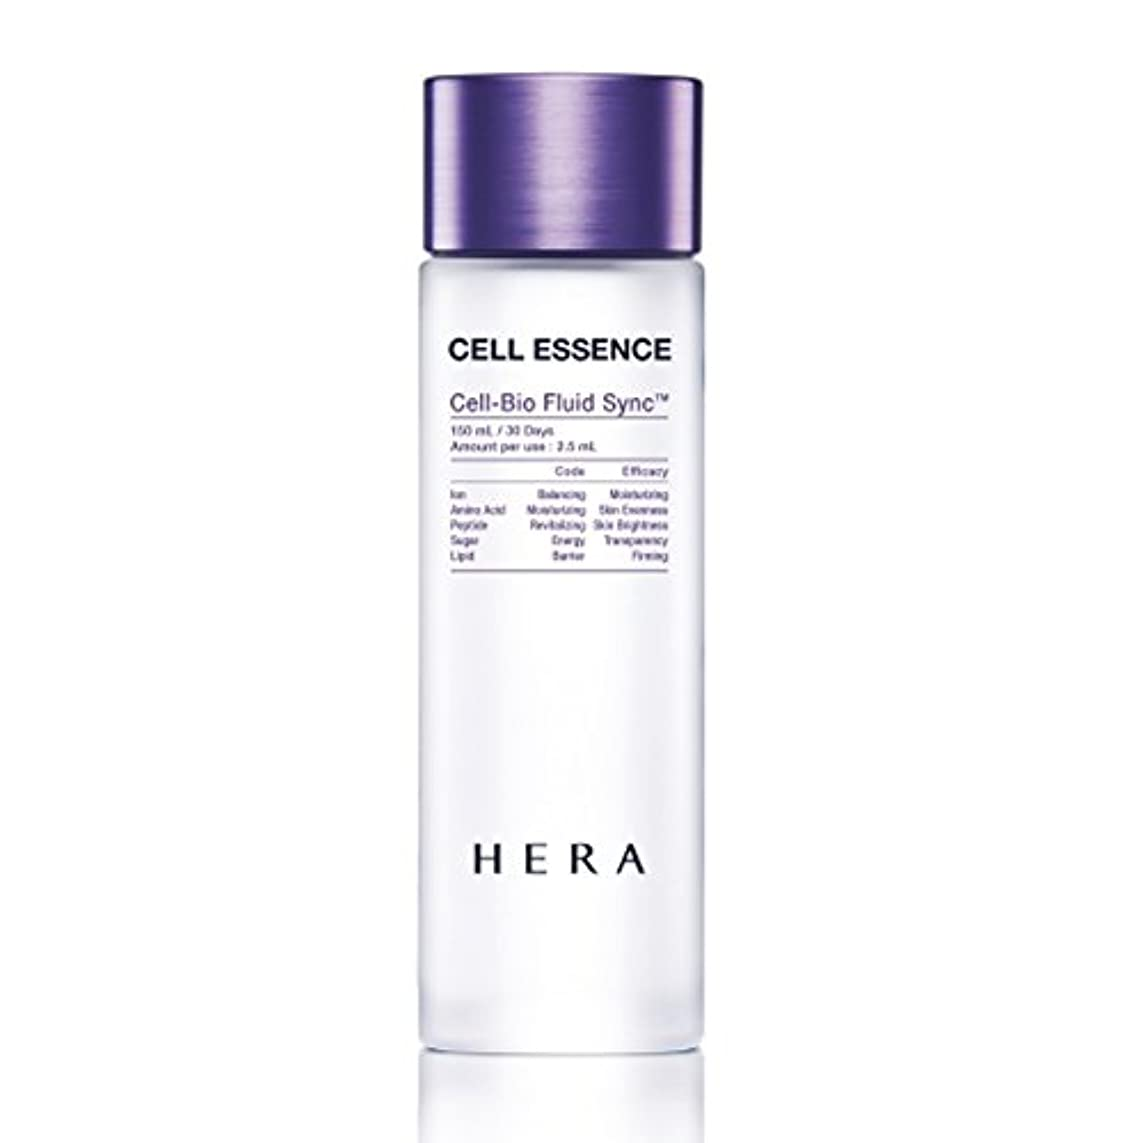 印象追い払う生命体[ヘラ/HERA]HERA CELL ESSENCE/ヘラ セル エッセンス 150ml【美容液】(海外直送品)